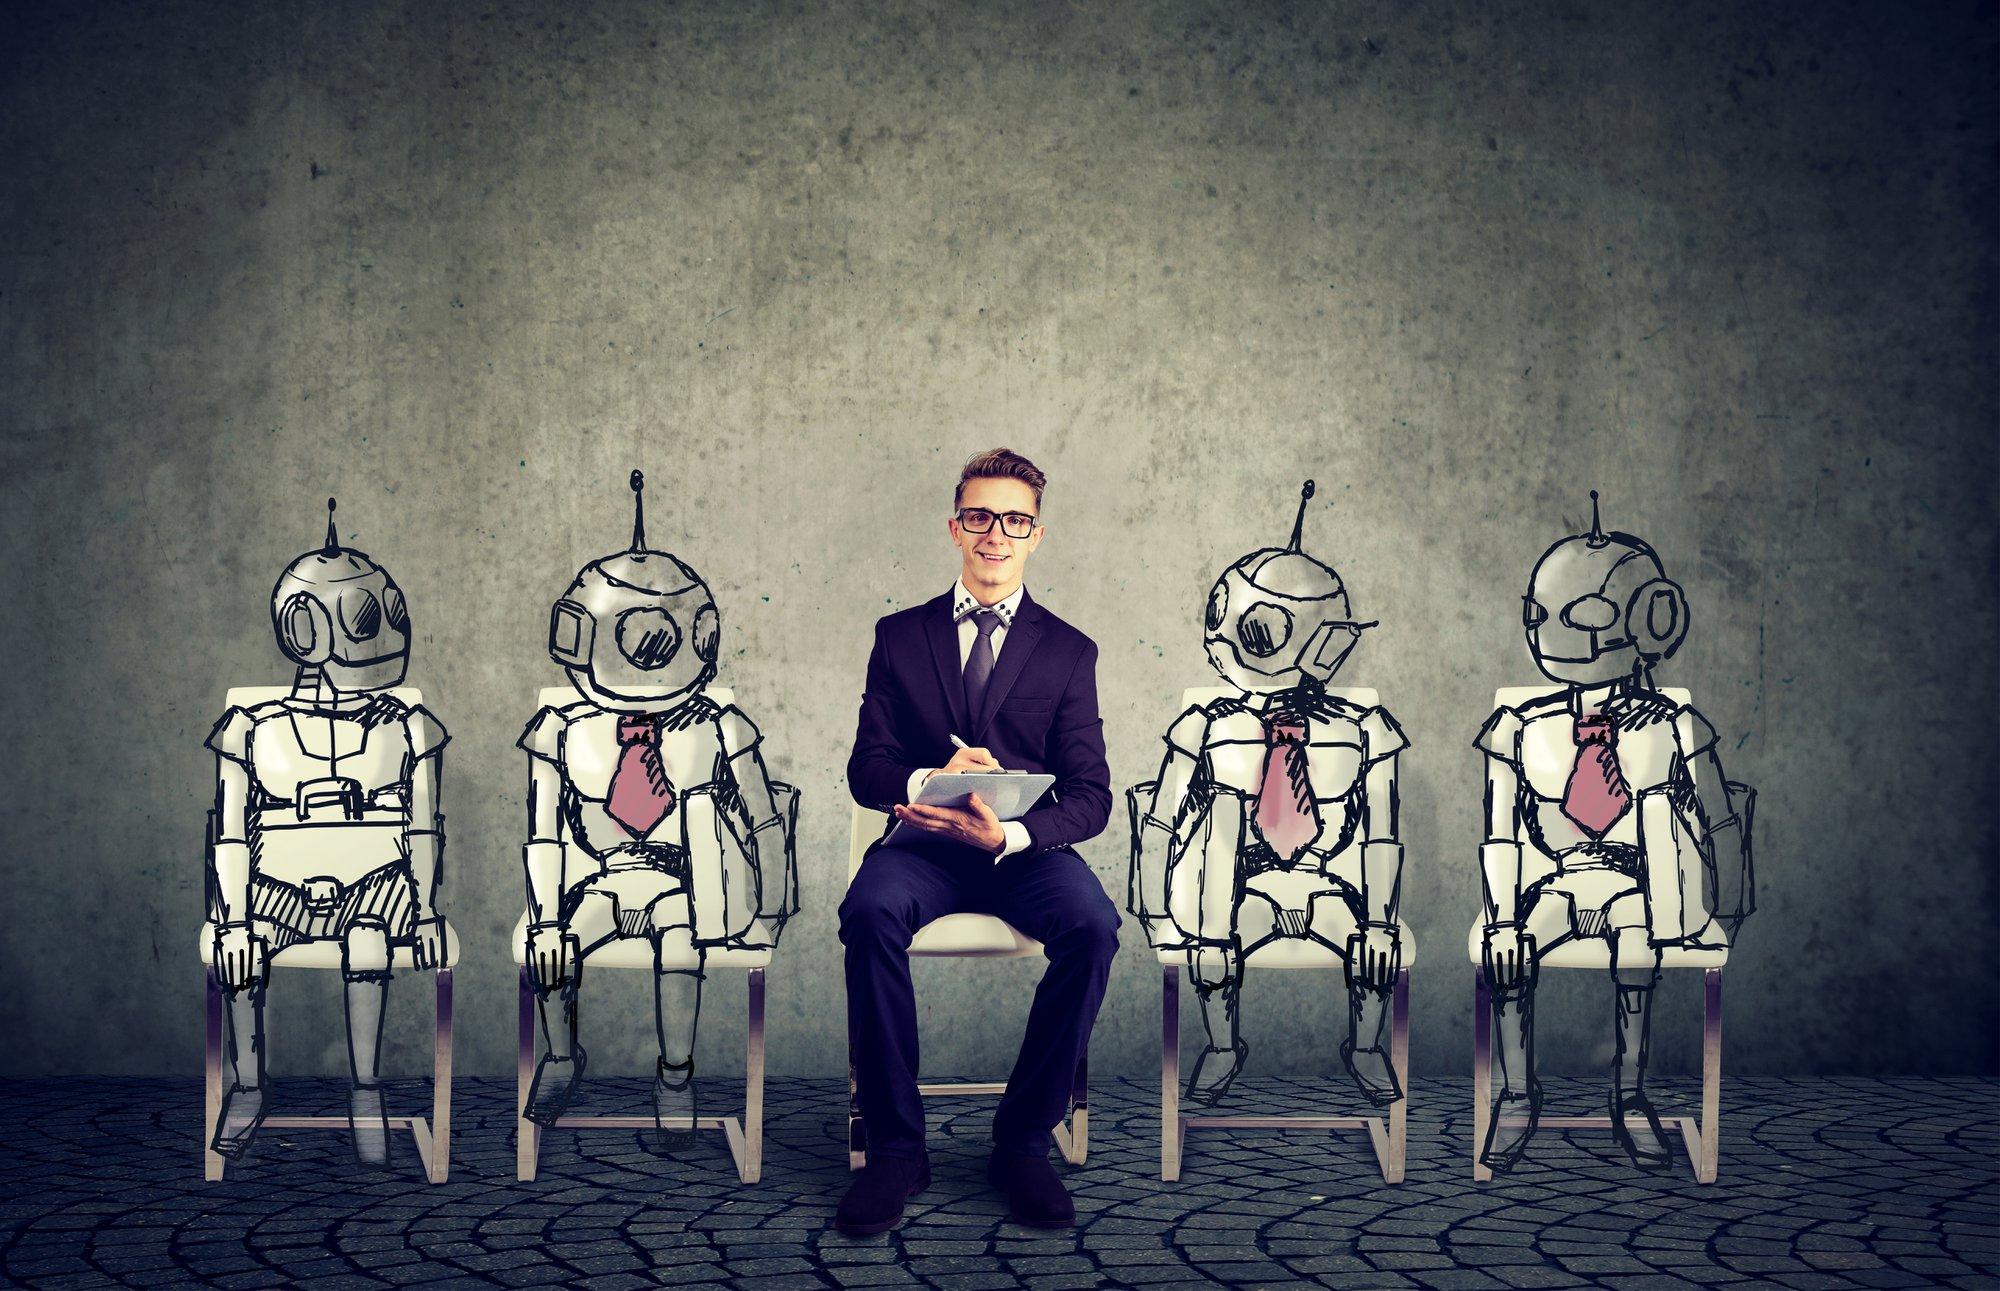 Belangrijke functies in de financiële sector van de toekomst